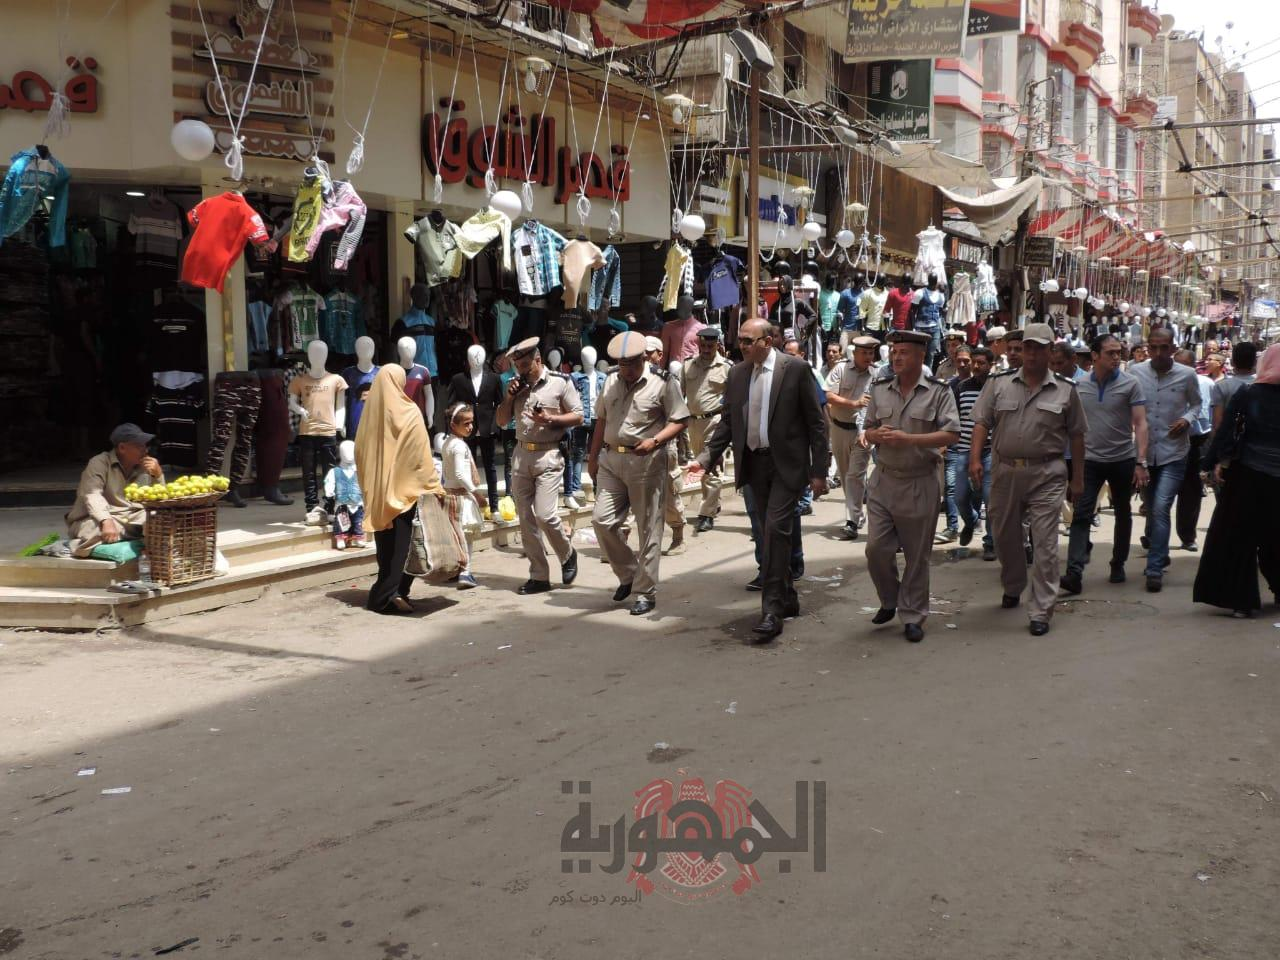 بالصور..مدير أمن الشرقية يتفقد الحملة الميدانية بالميادين العامة والشوارع الرئيسيةبمدينة الزقازيق